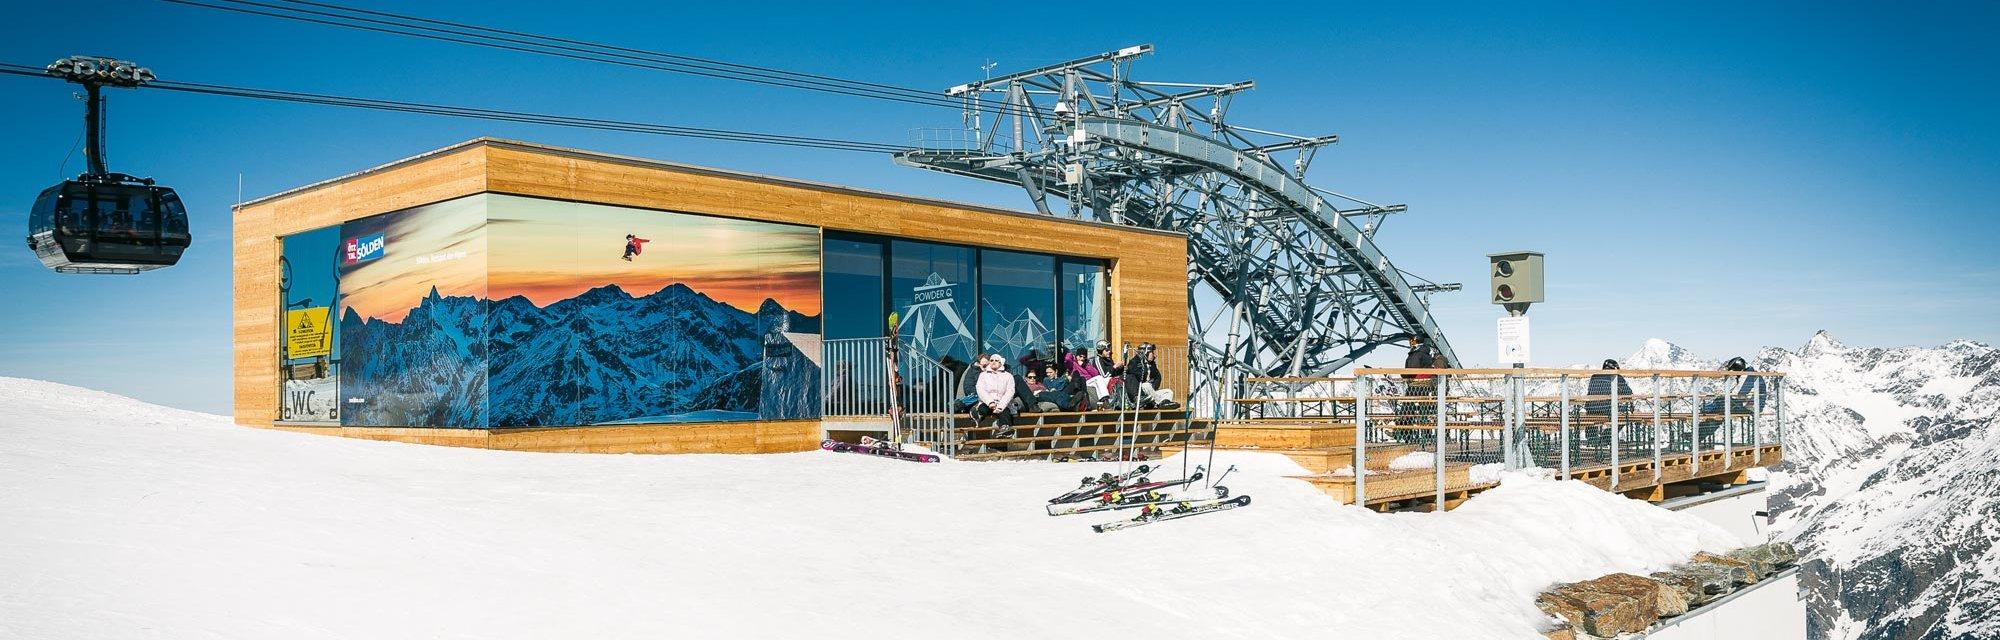 s lden ski das skigebiet f r den besten winterurlaub chalet resort s lden. Black Bedroom Furniture Sets. Home Design Ideas